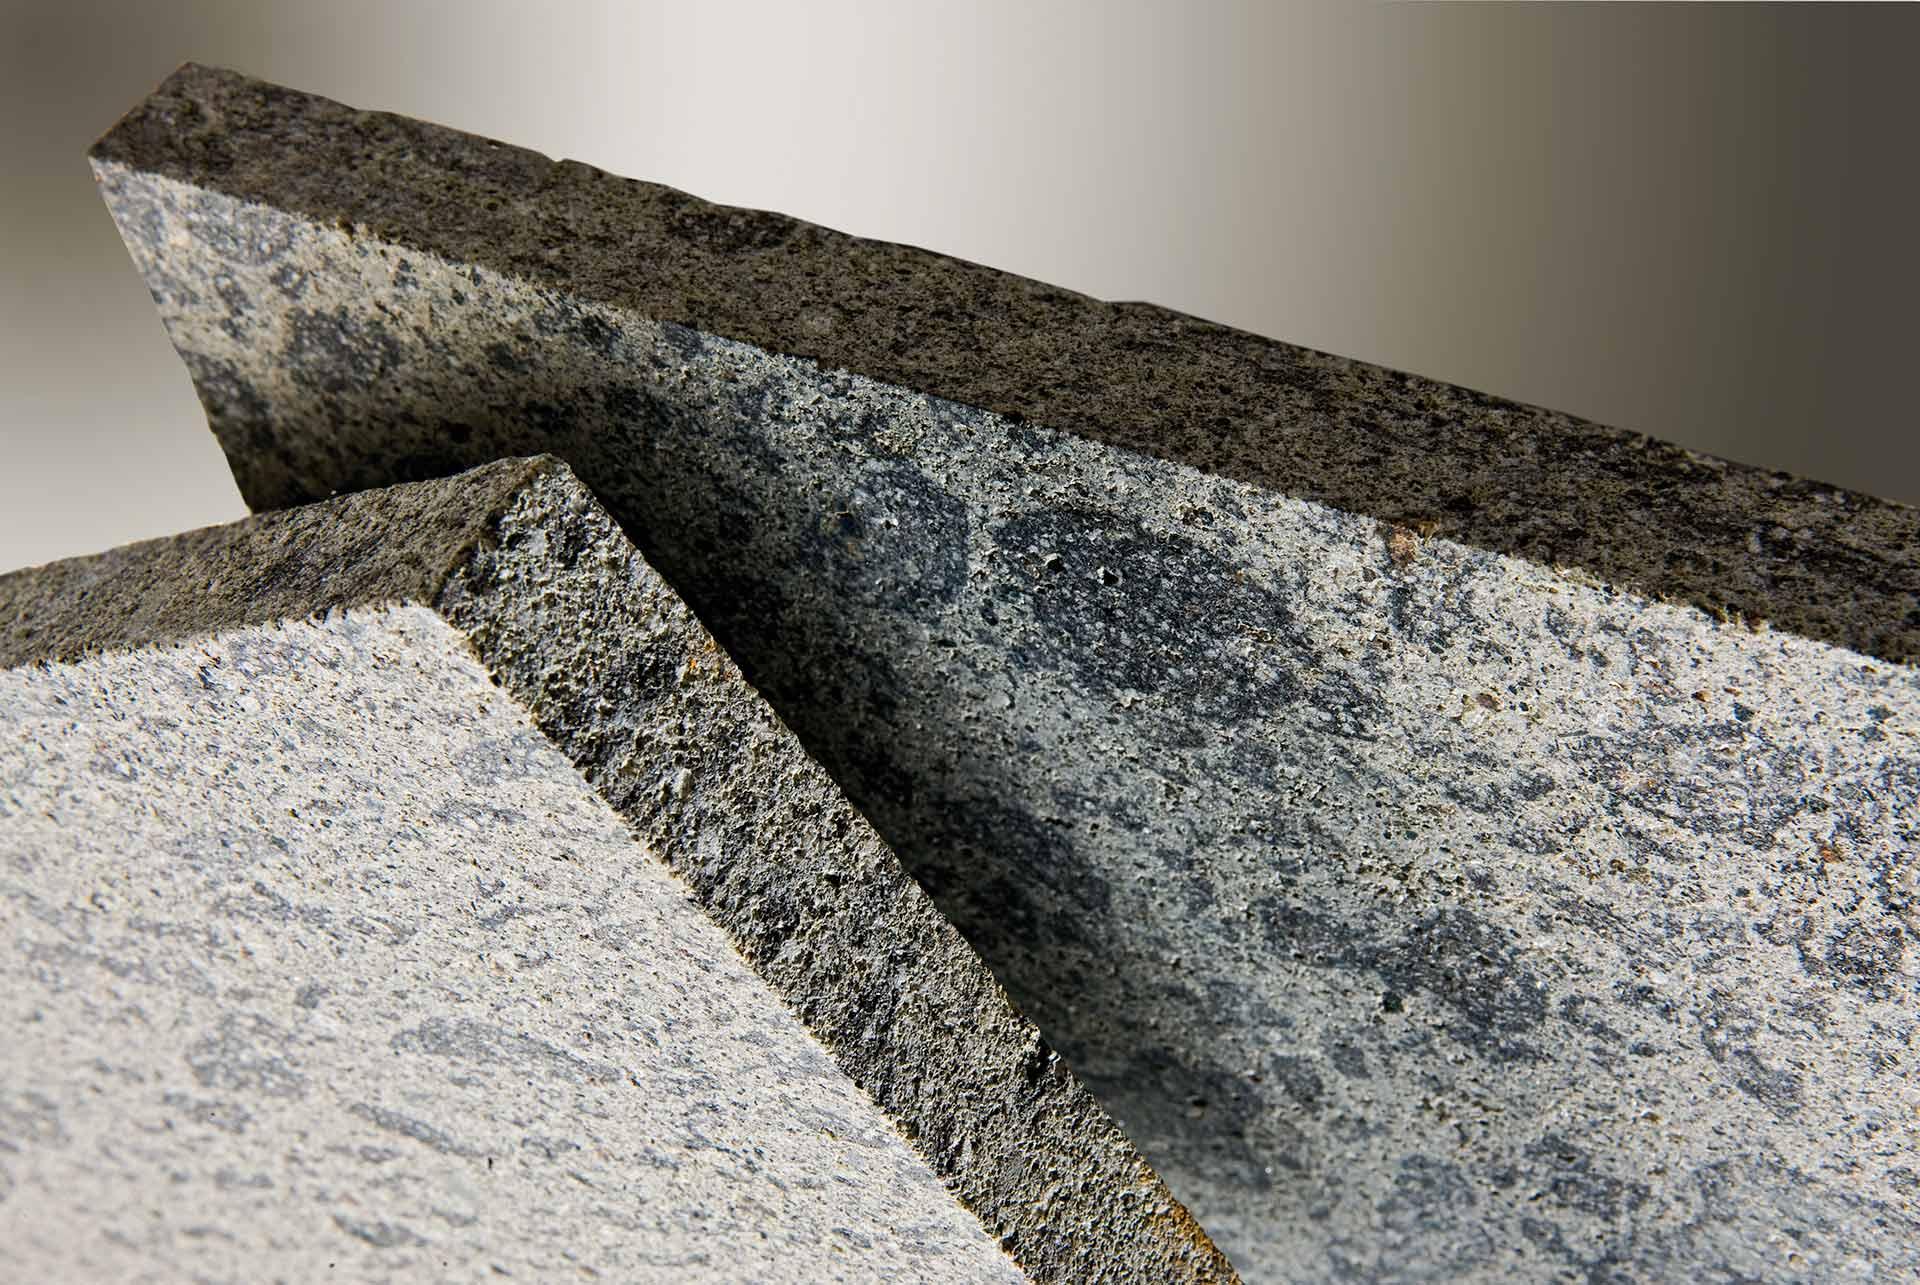 Rivestimenti pareti esterne in pietra naturale, belli e alla portata di ogni budget